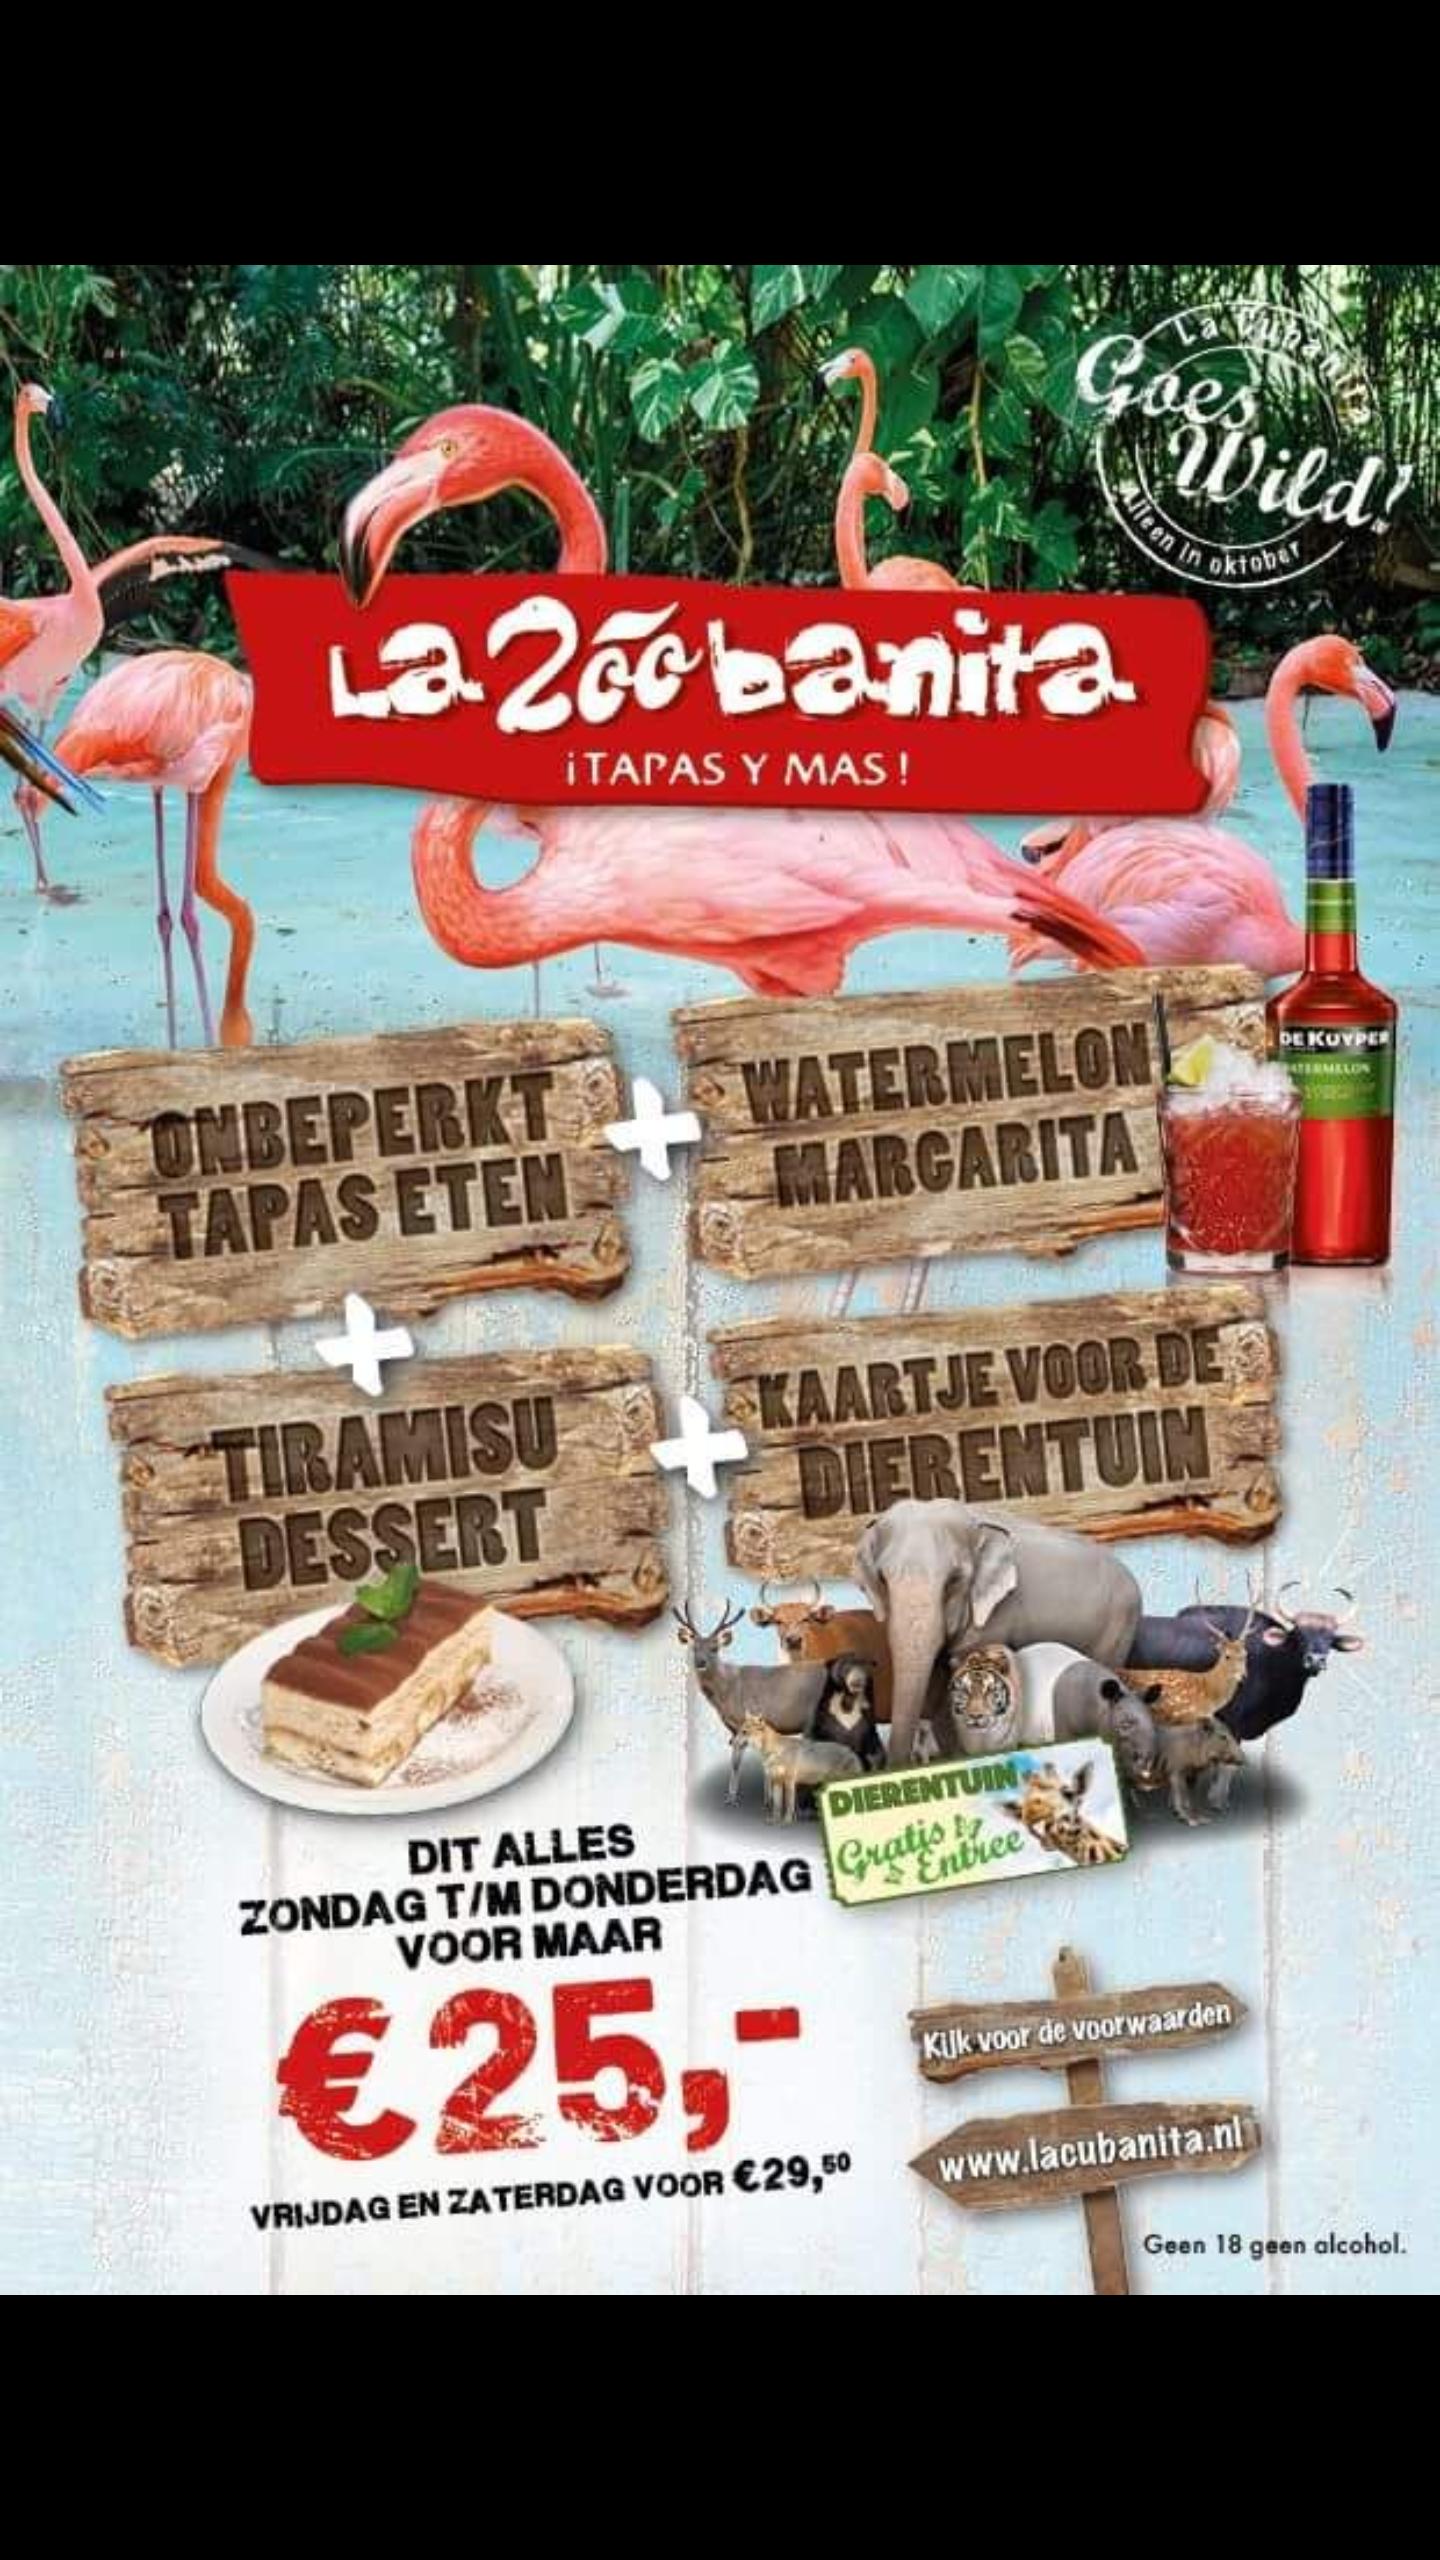 Onbeperkt tapas,watermelon margarita, tiramisu en kaartje voor bepaalde dierentuinnen @La cubanita NU 25,-